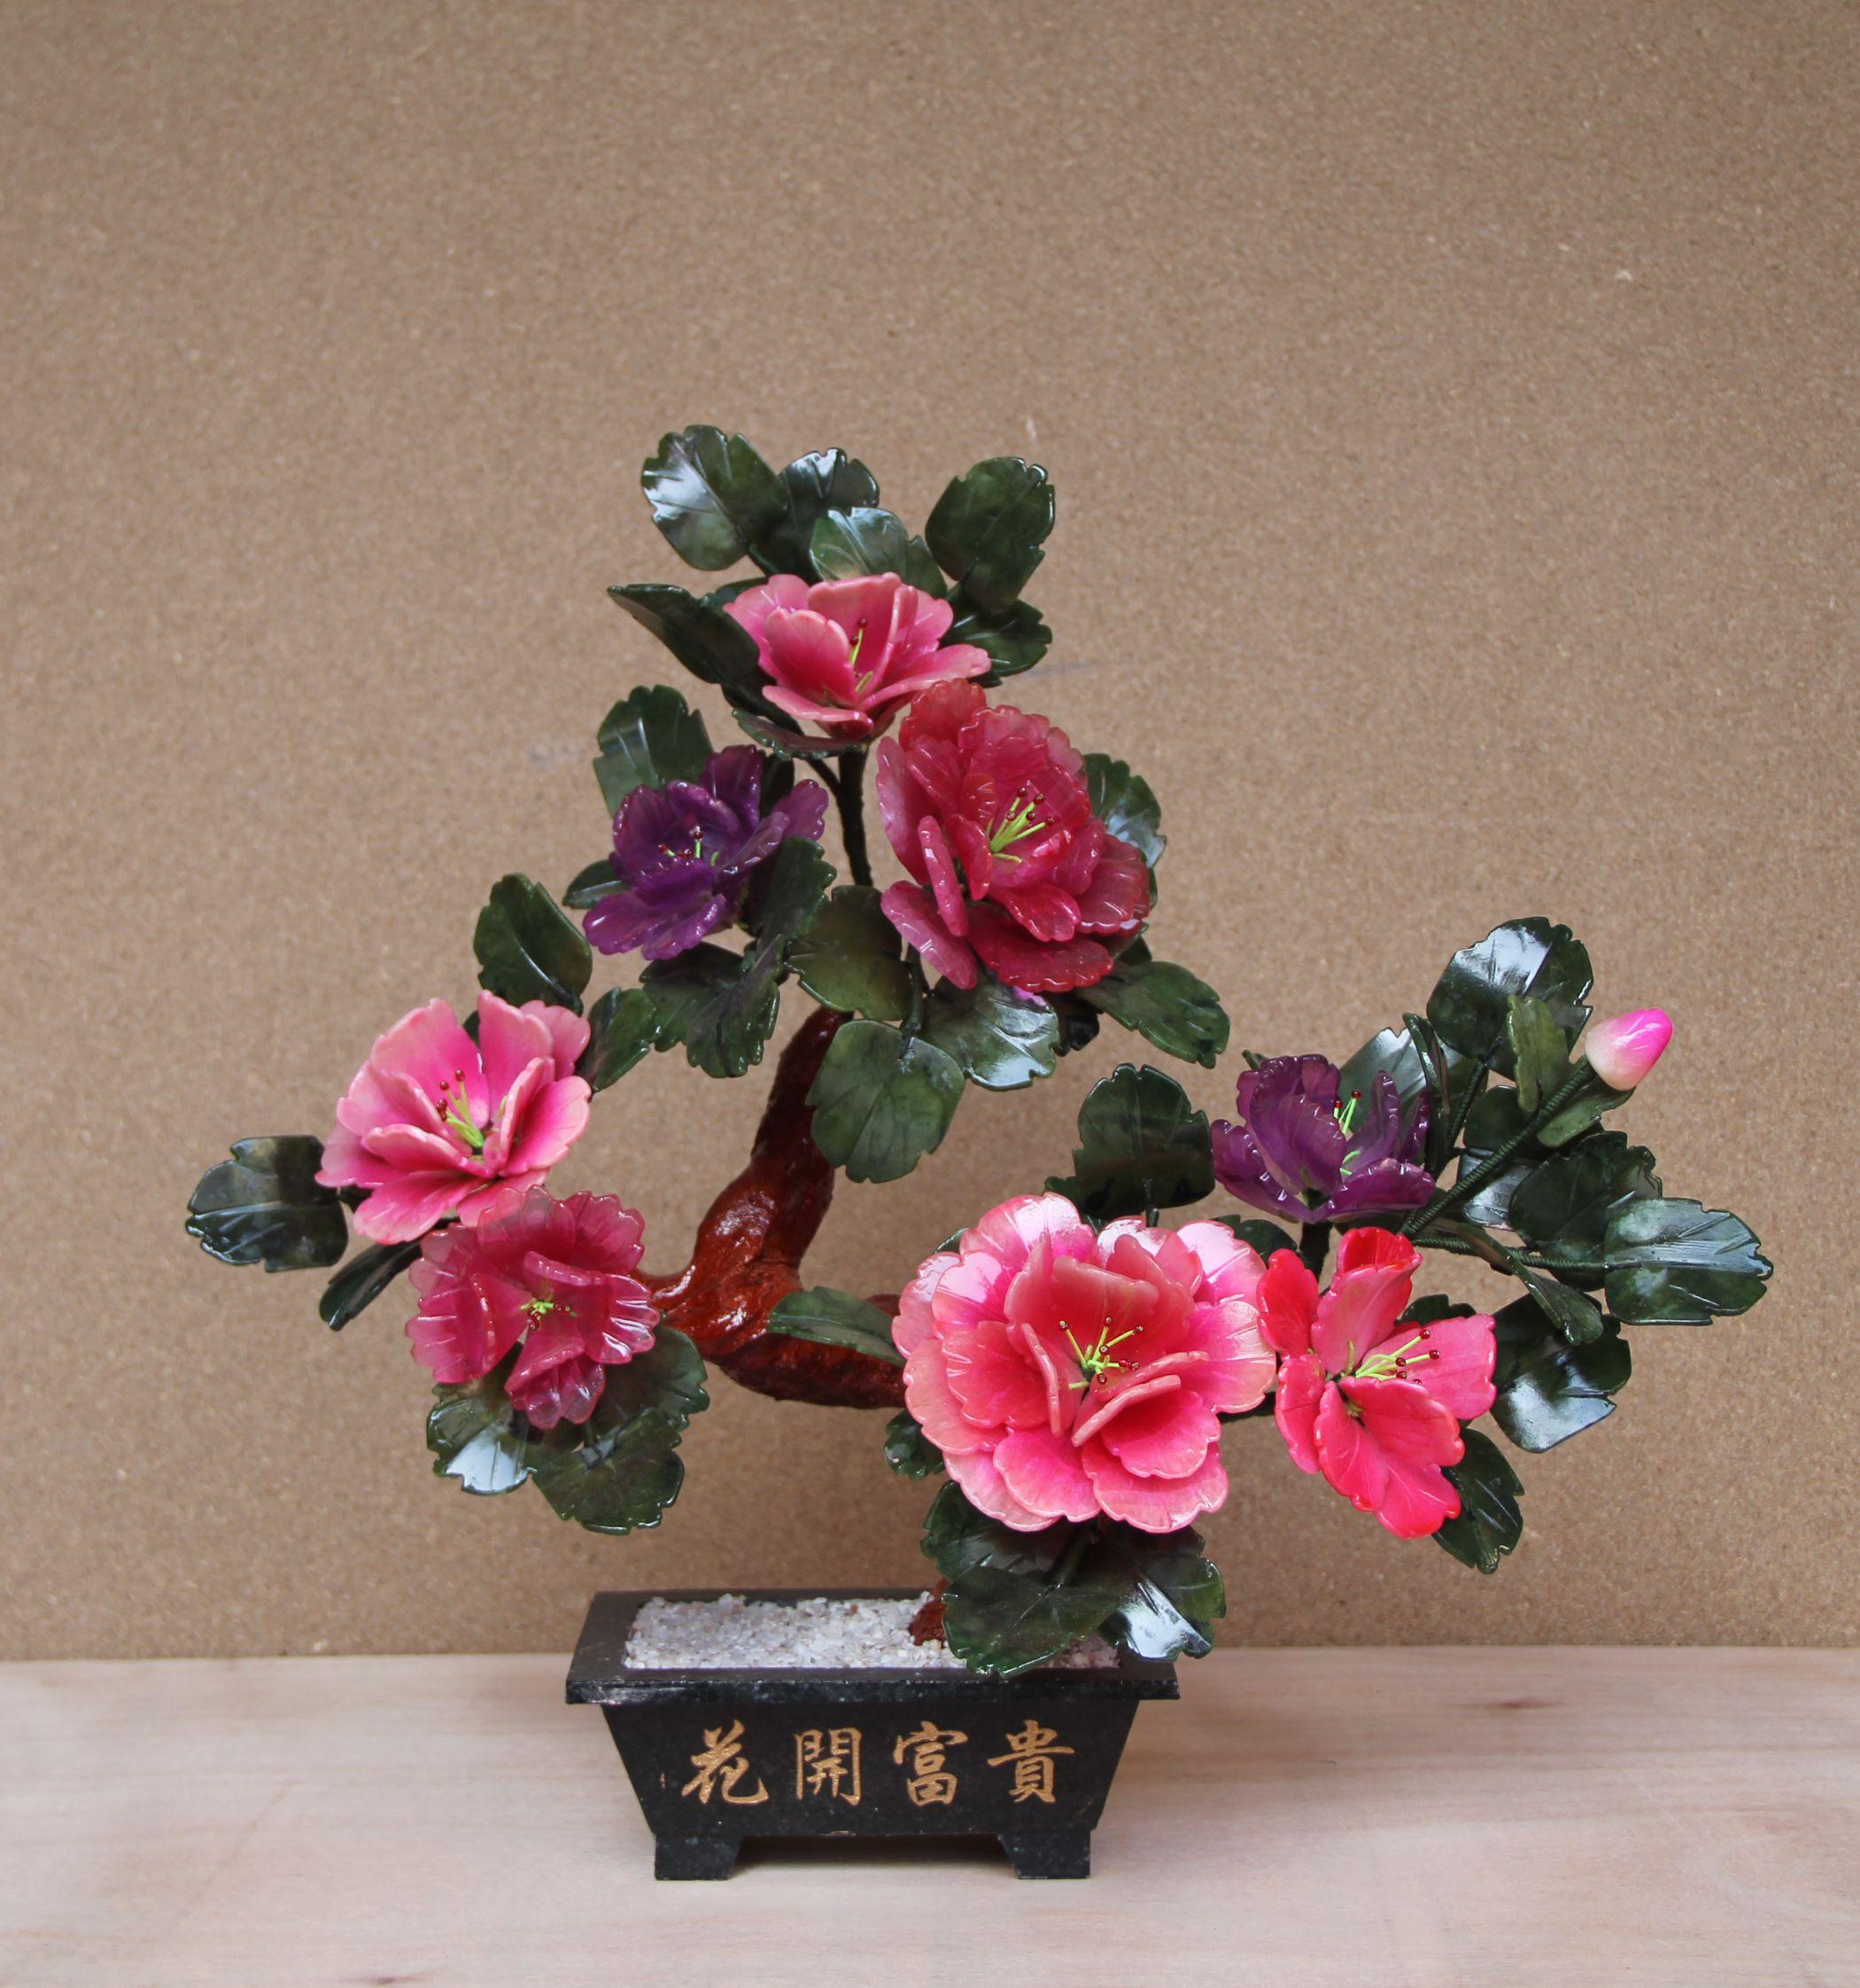 8朵牡丹花玉器家居玉石饰品工艺品现代创意装饰玉雕花盆景摆件